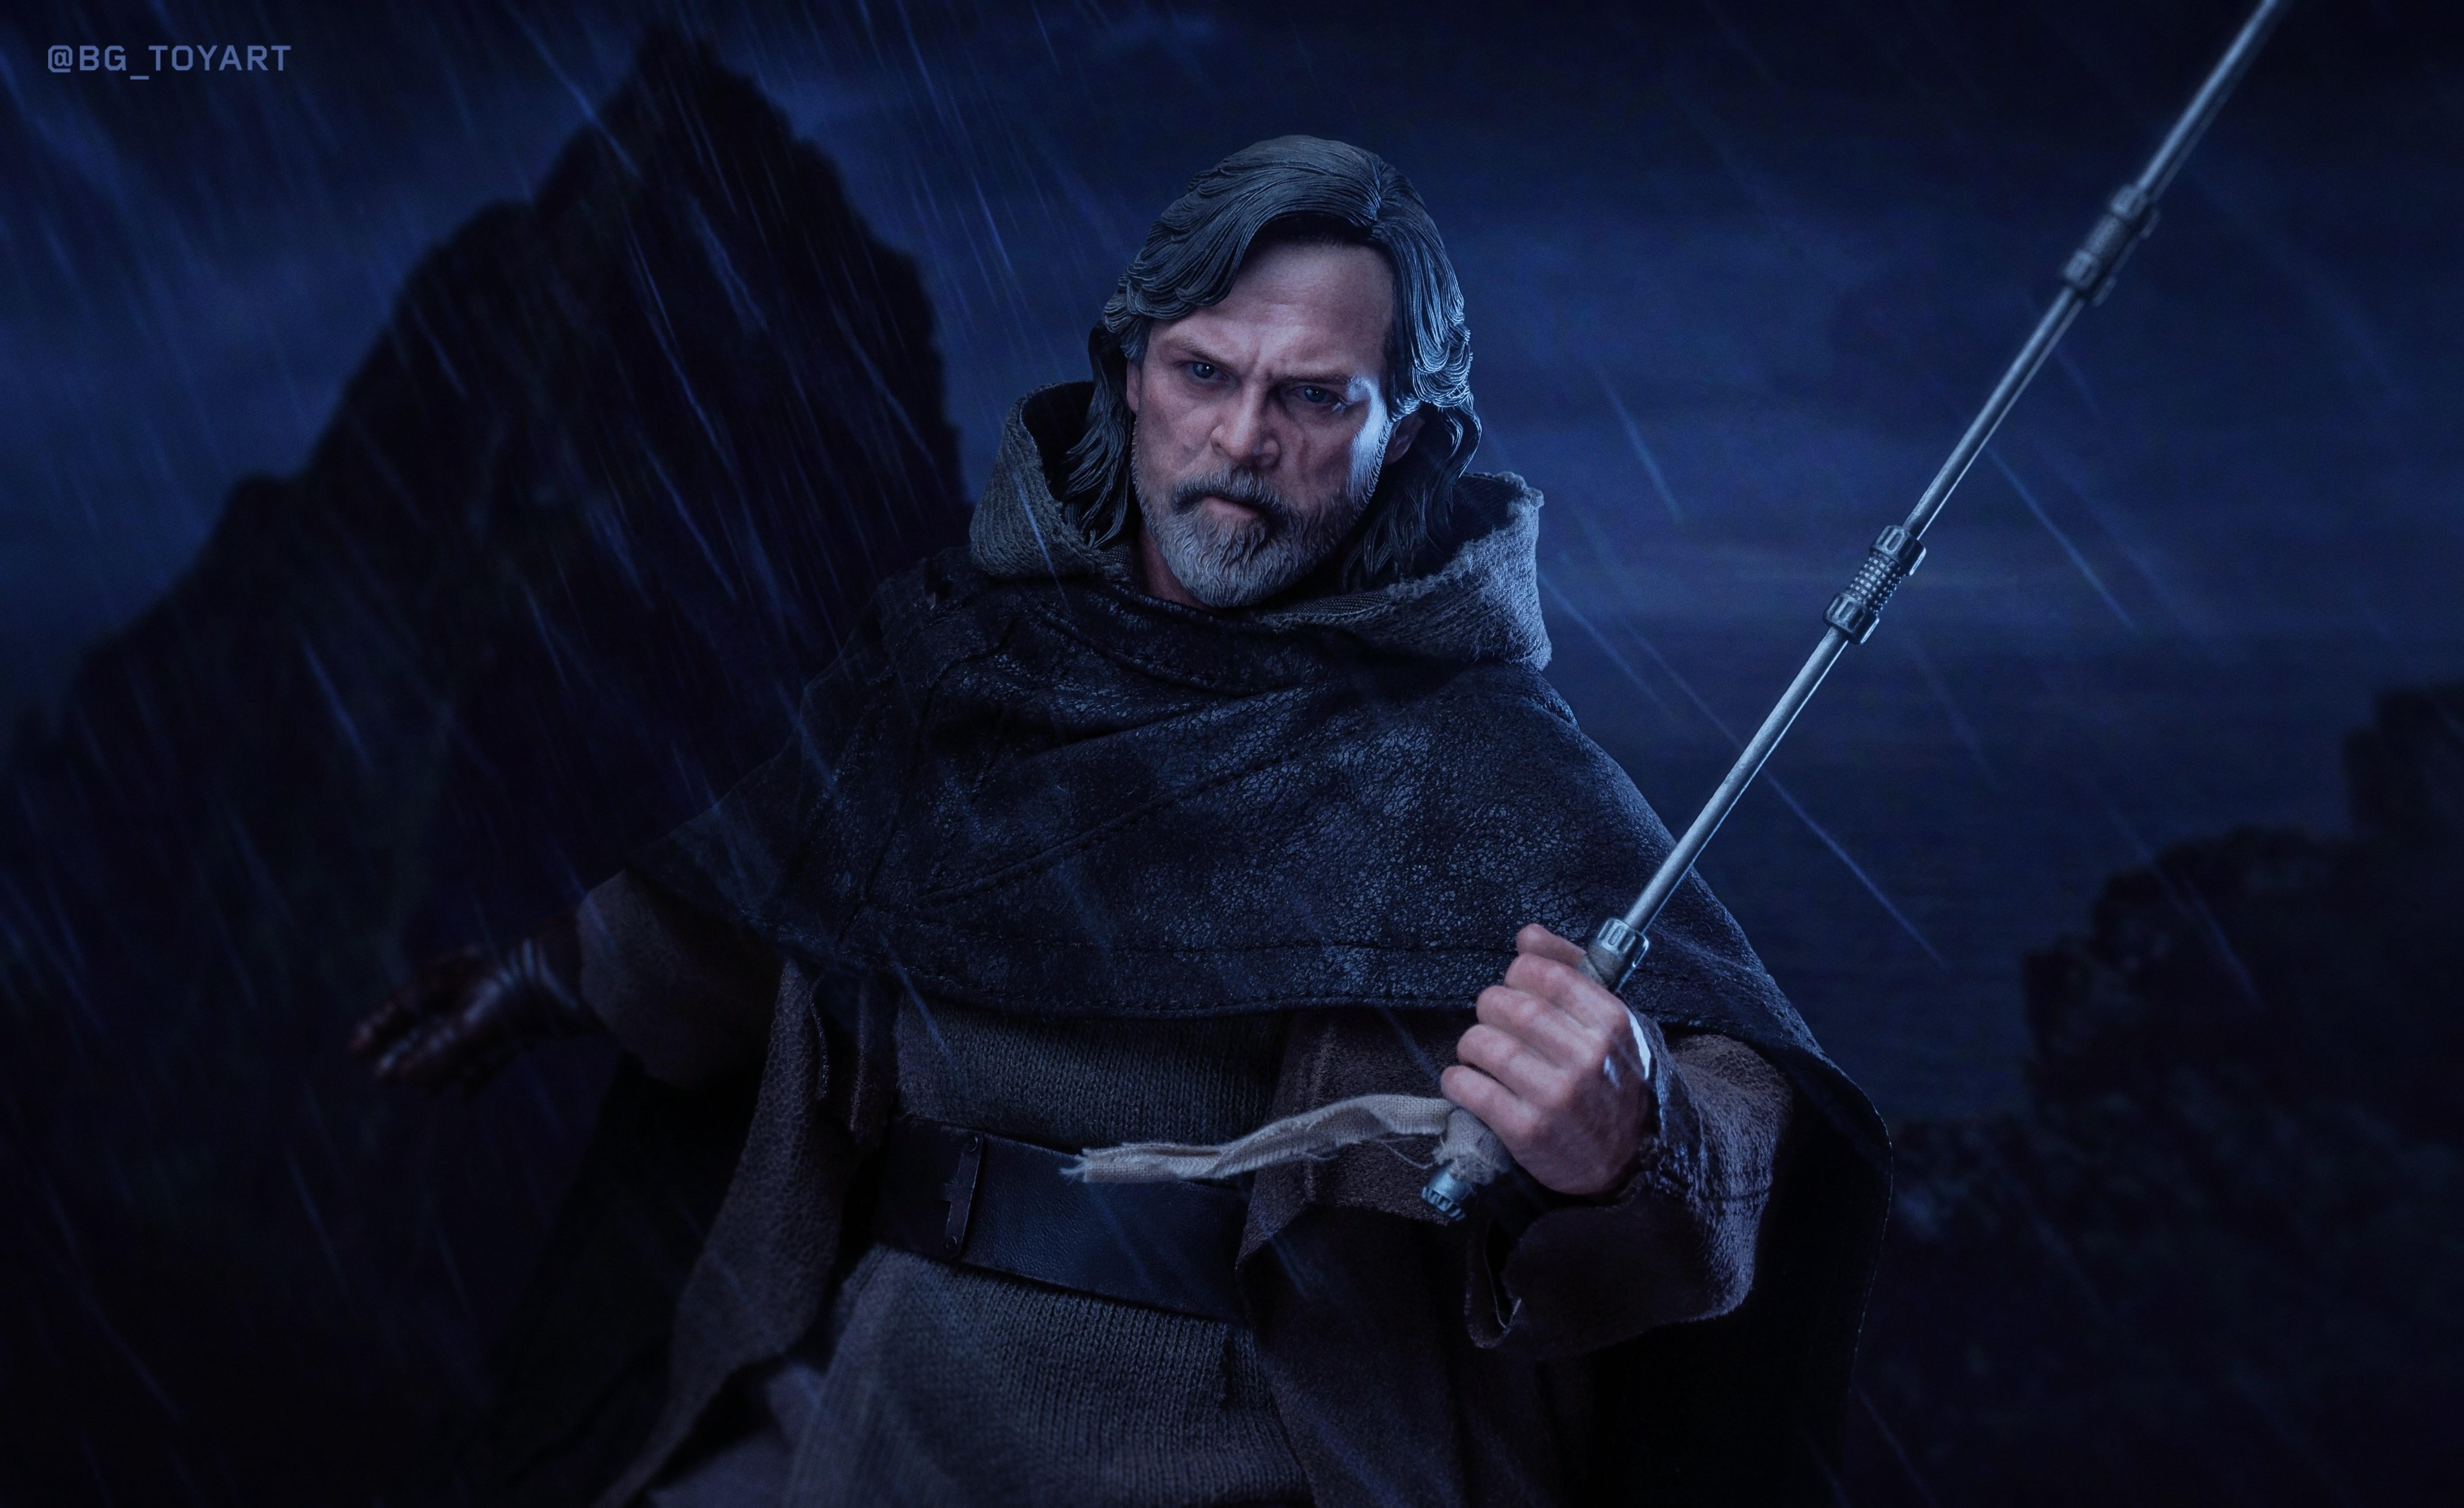 Luke Skywalker Wallpaper 4k 3110421 Hd Wallpaper Backgrounds Download